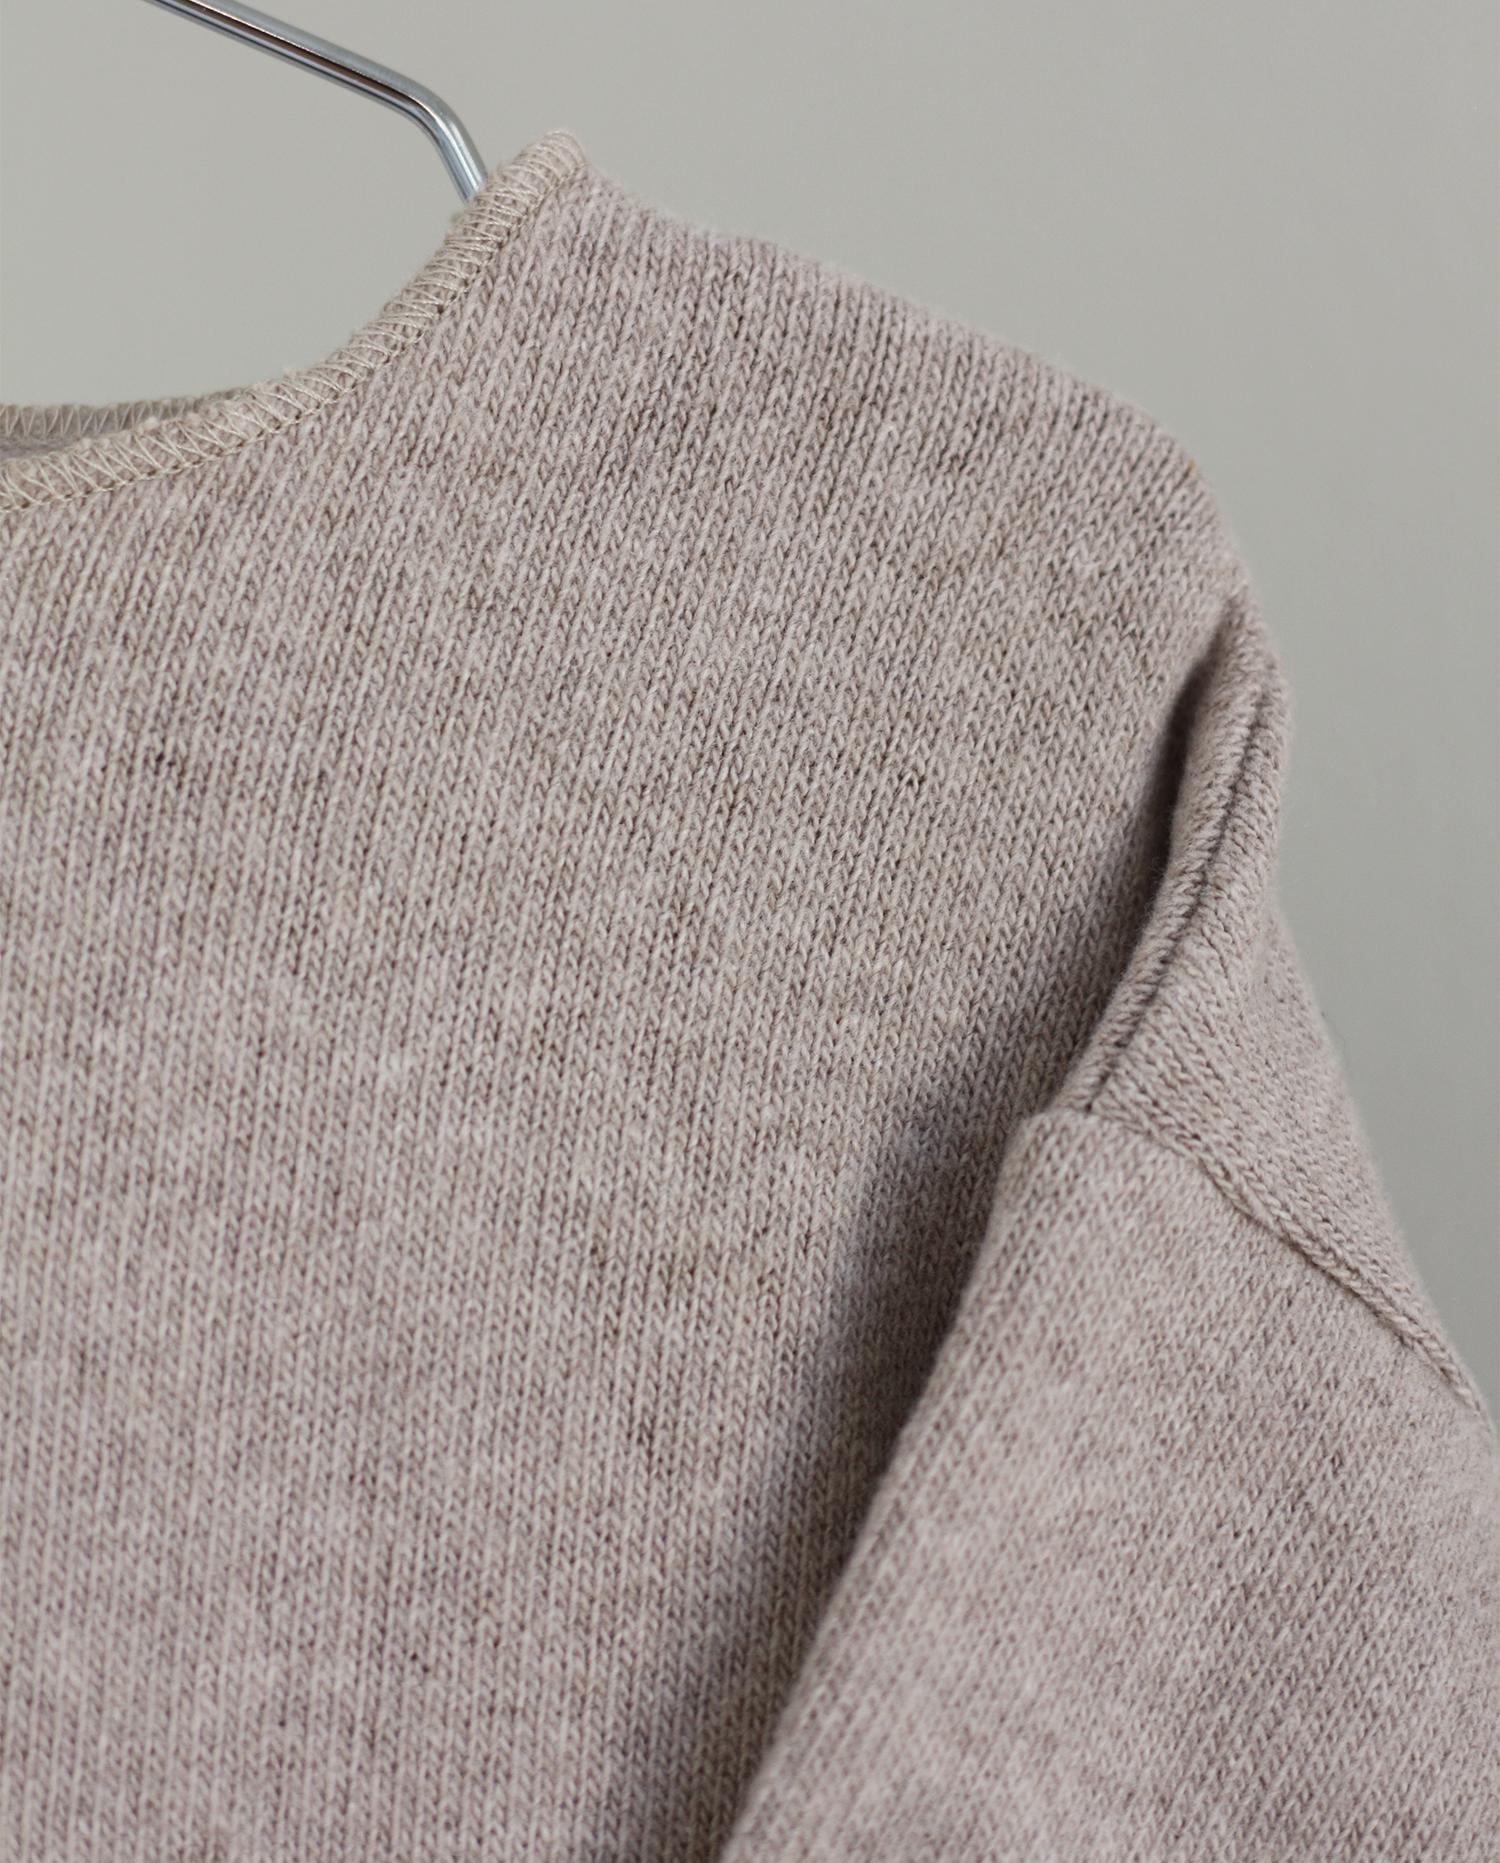 CO LABEL Warm cotton Billie blouse - Oat -